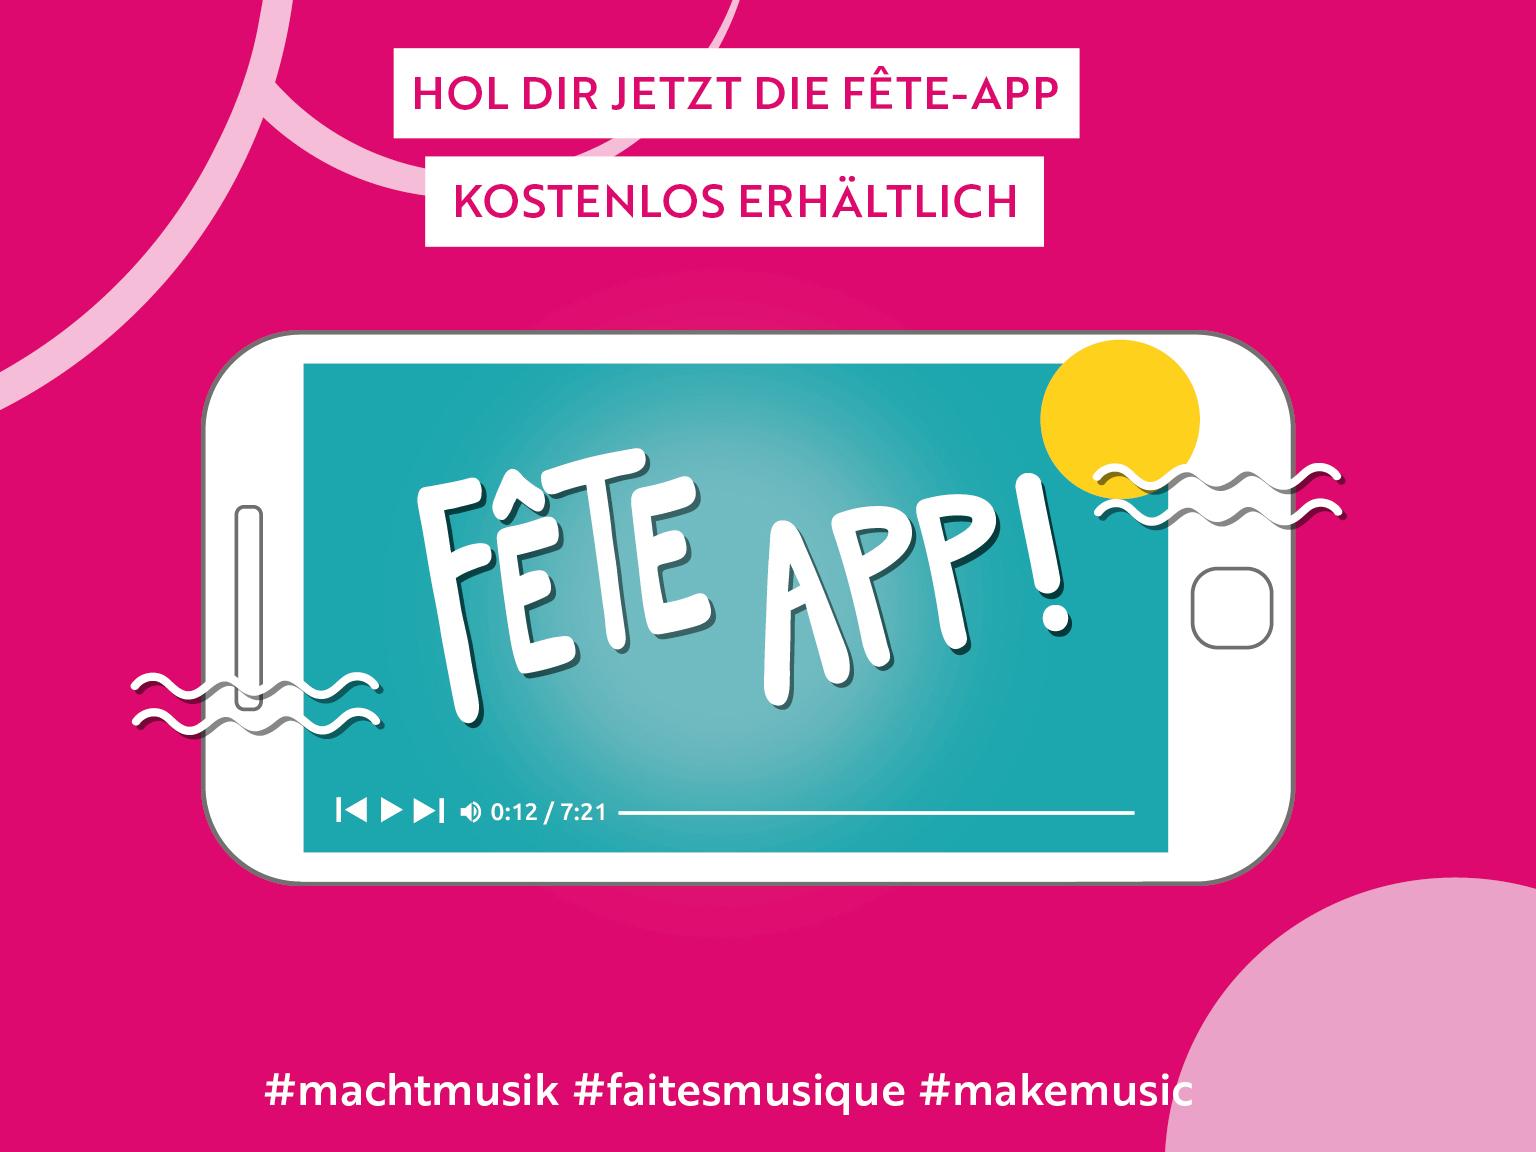 Fête-App 2020 - mal anders!